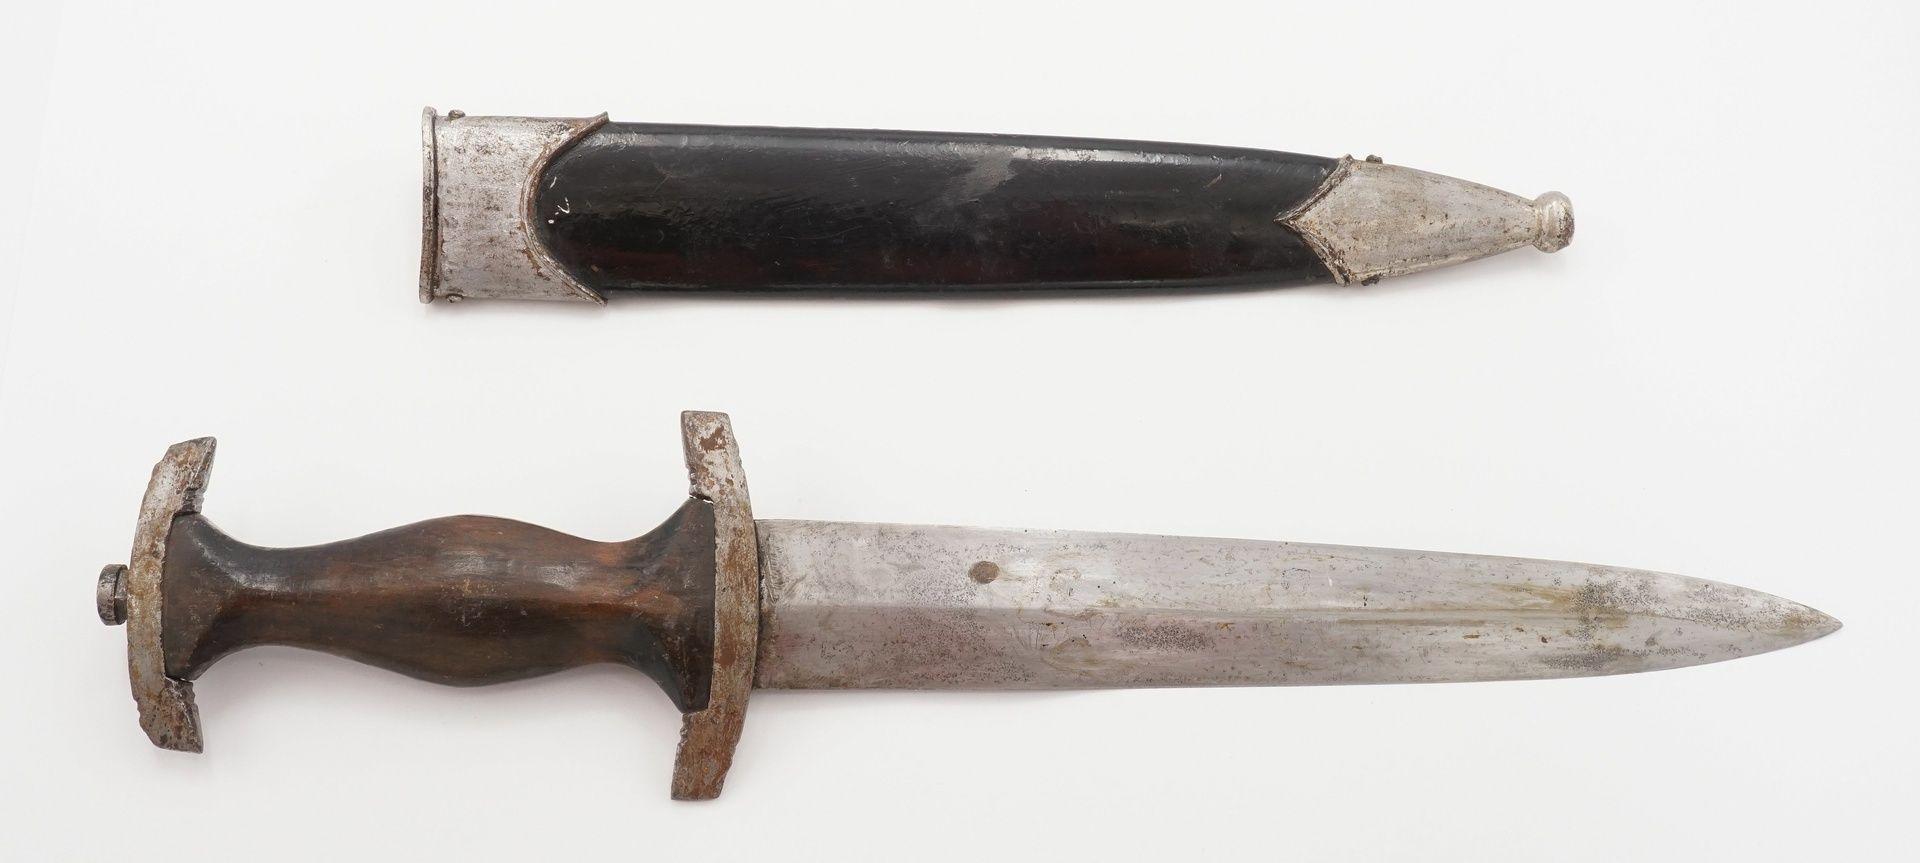 Schutzstaffel (SS) Dolch mit Scheide - Bild 2 aus 2